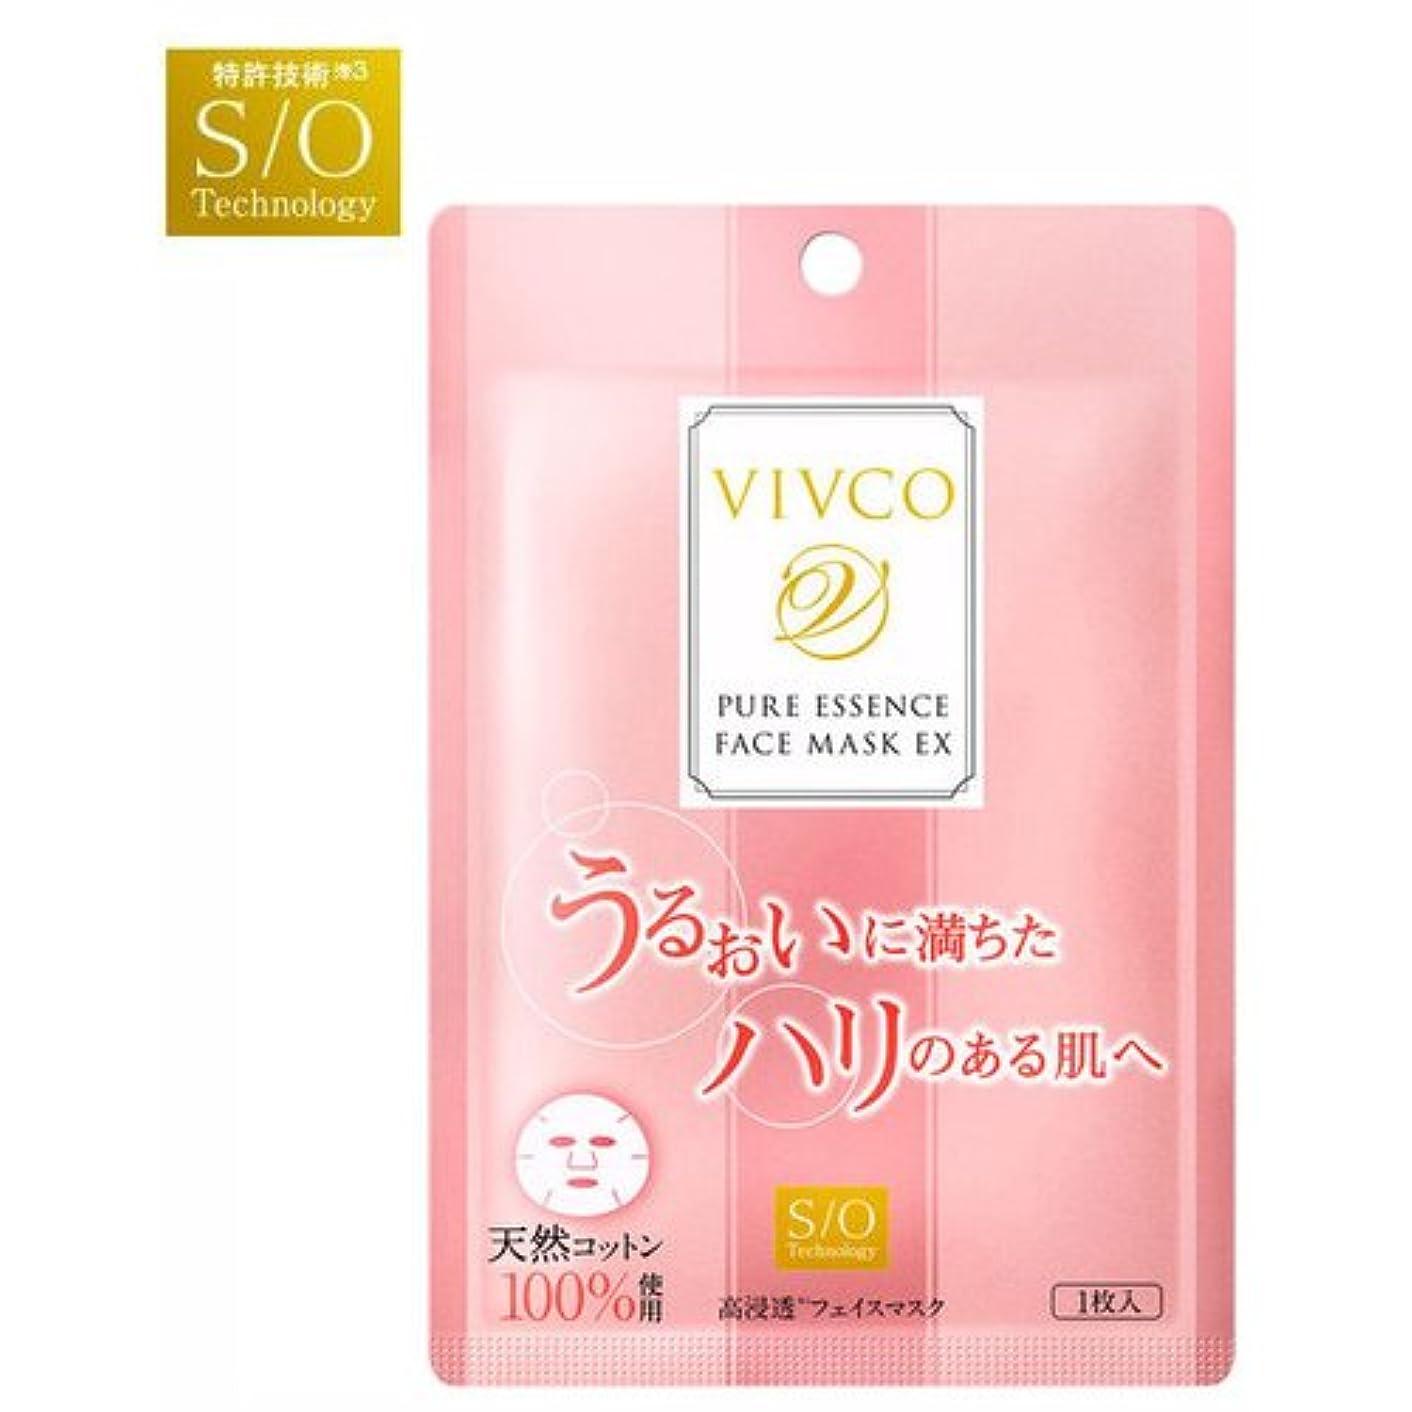 すすり泣きコンピューター思い出VIVCO(ヴィヴコ) ピュアエッセンスフェイスマスク EX 1枚